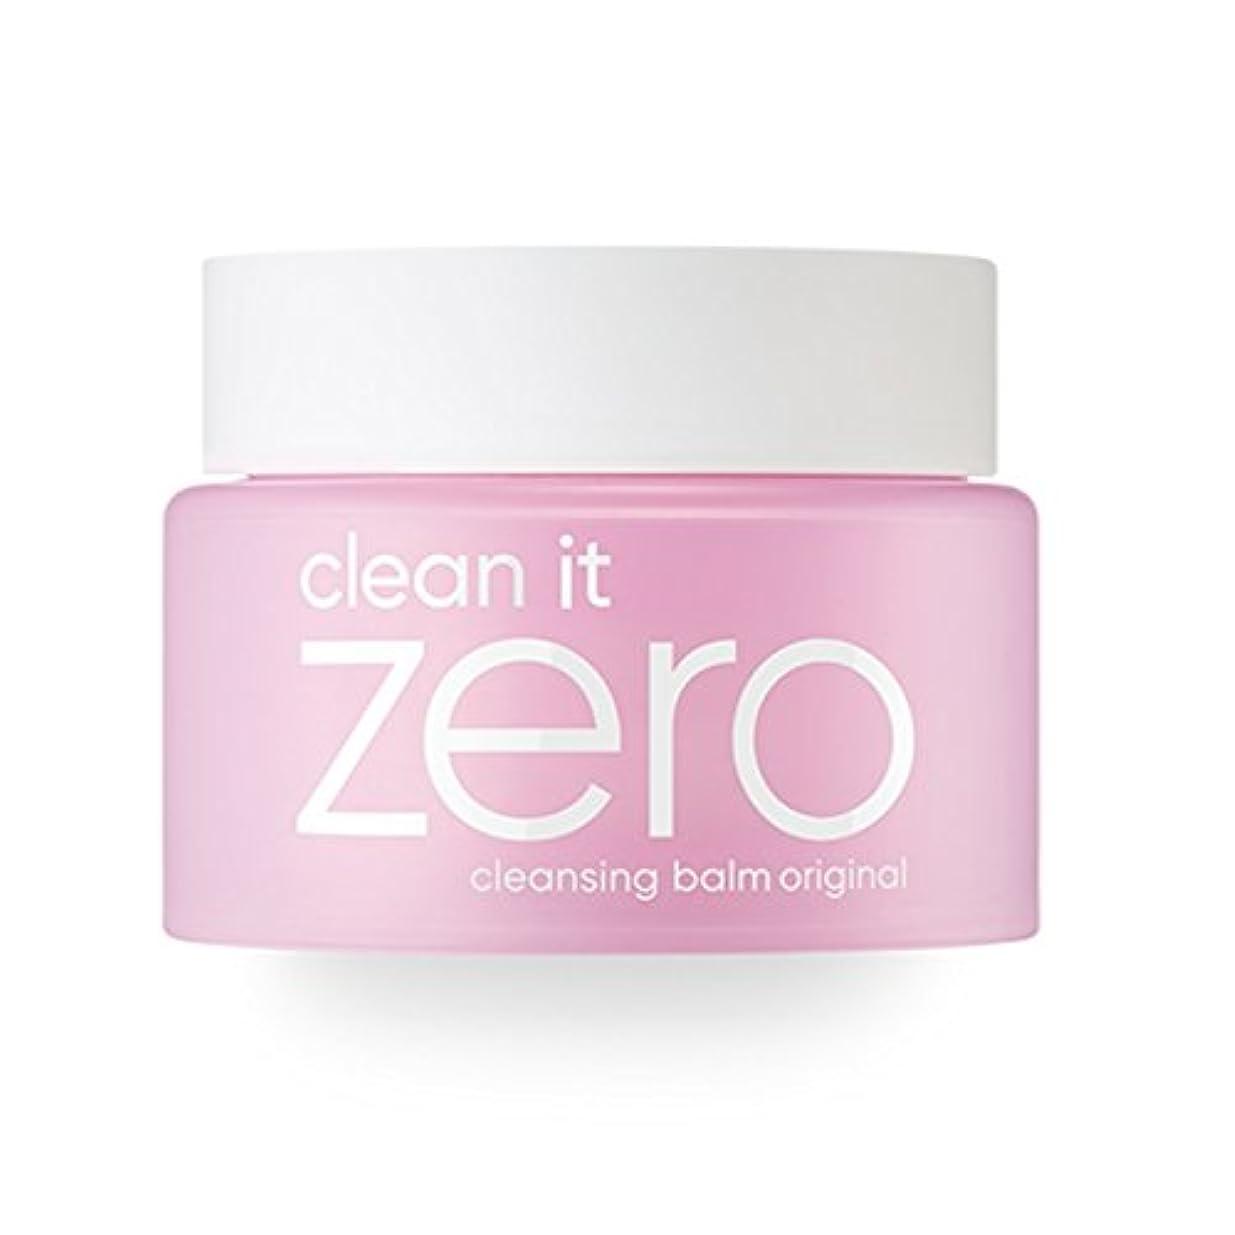 講義擁するヒューバートハドソンBanila.co クリーン イット ゼロ クレンジングバーム オリジナル / Clean it Zero Cleansing Balm Original (100ml)